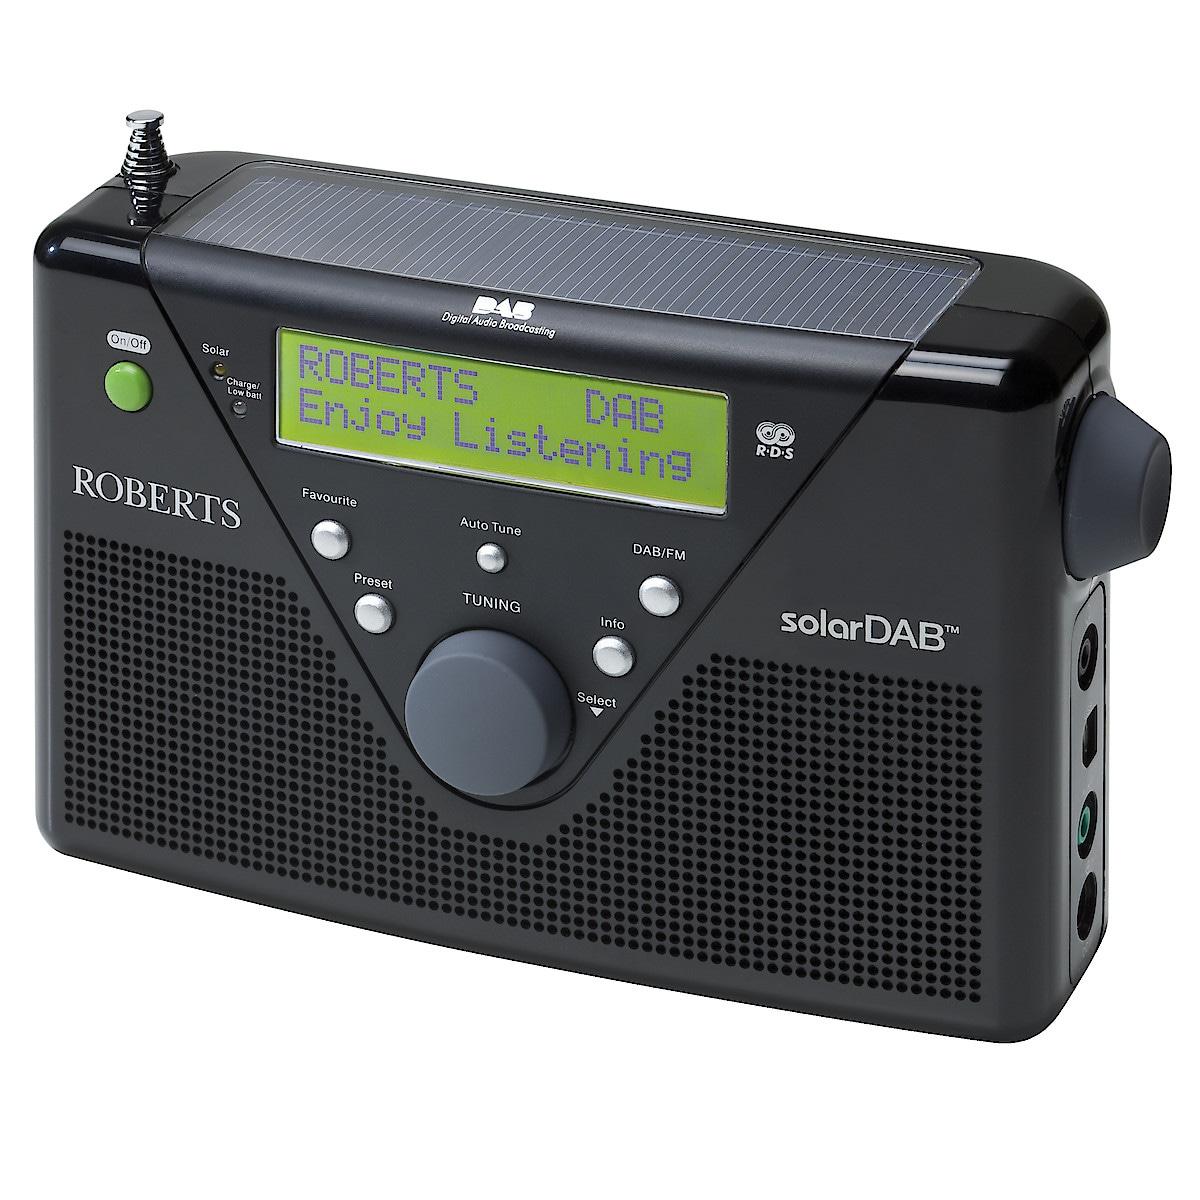 Roberts SolarDAB2 DAB/FM Radio